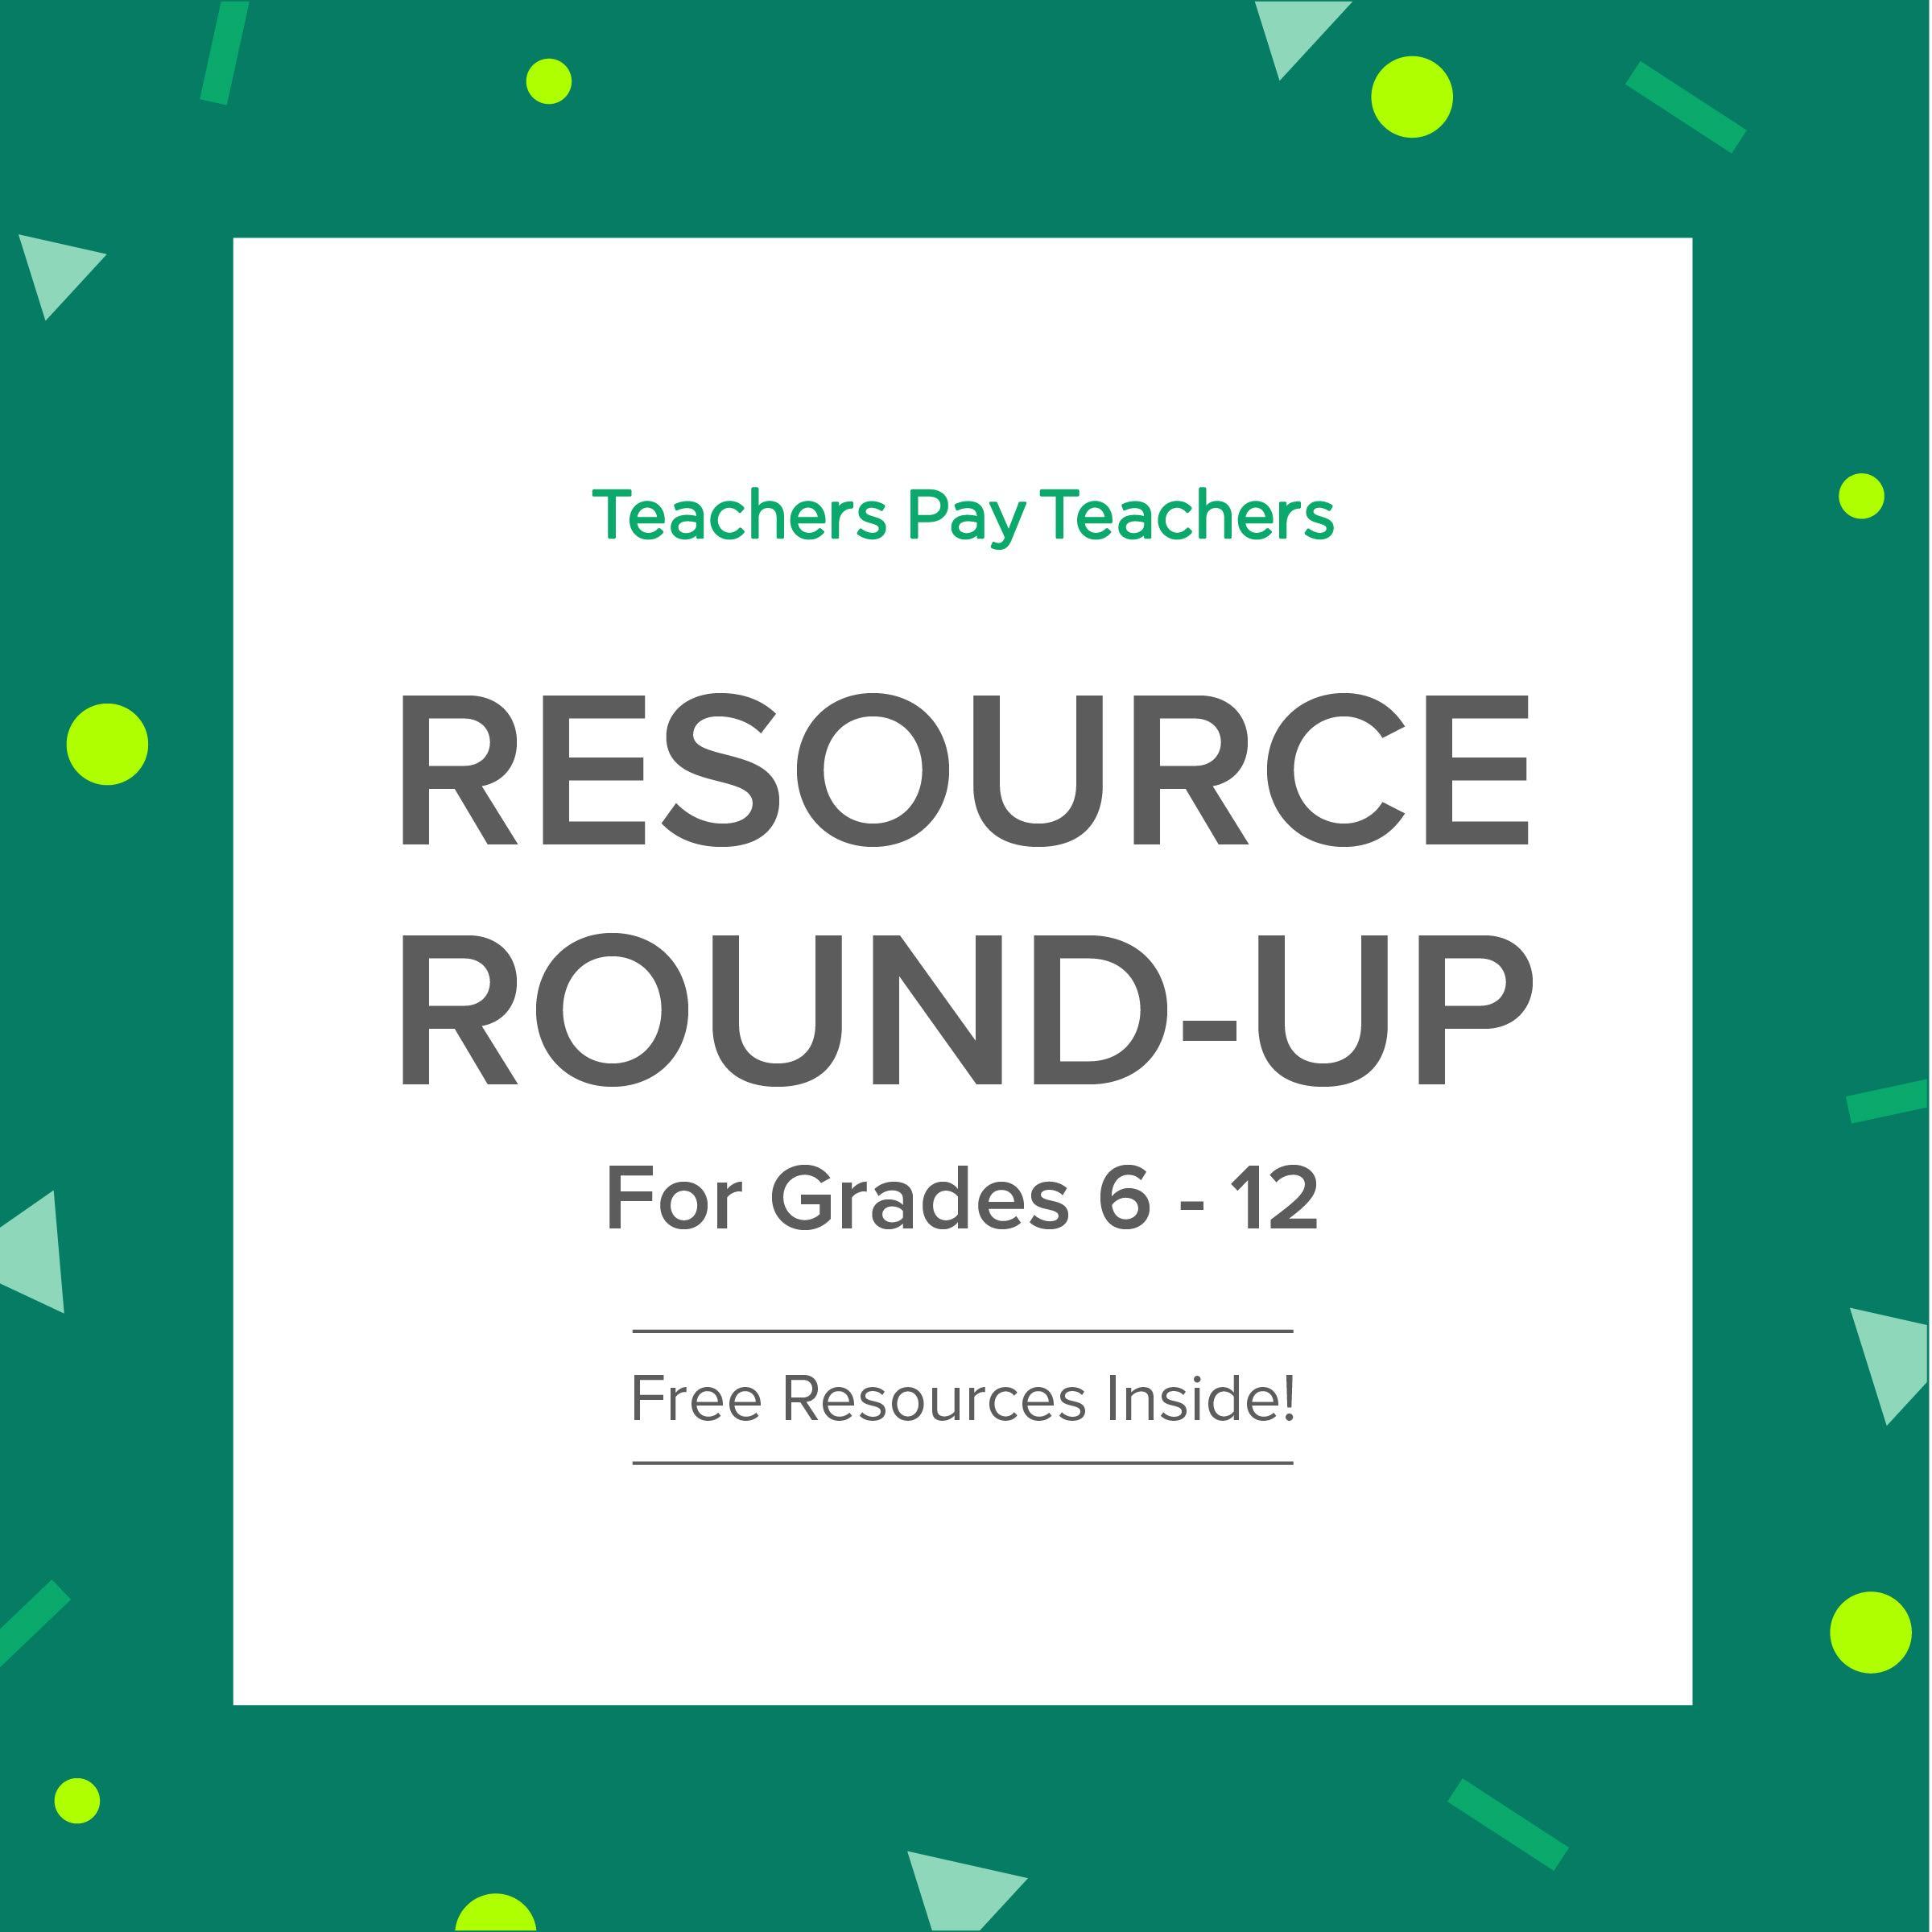 Resource Round-Up